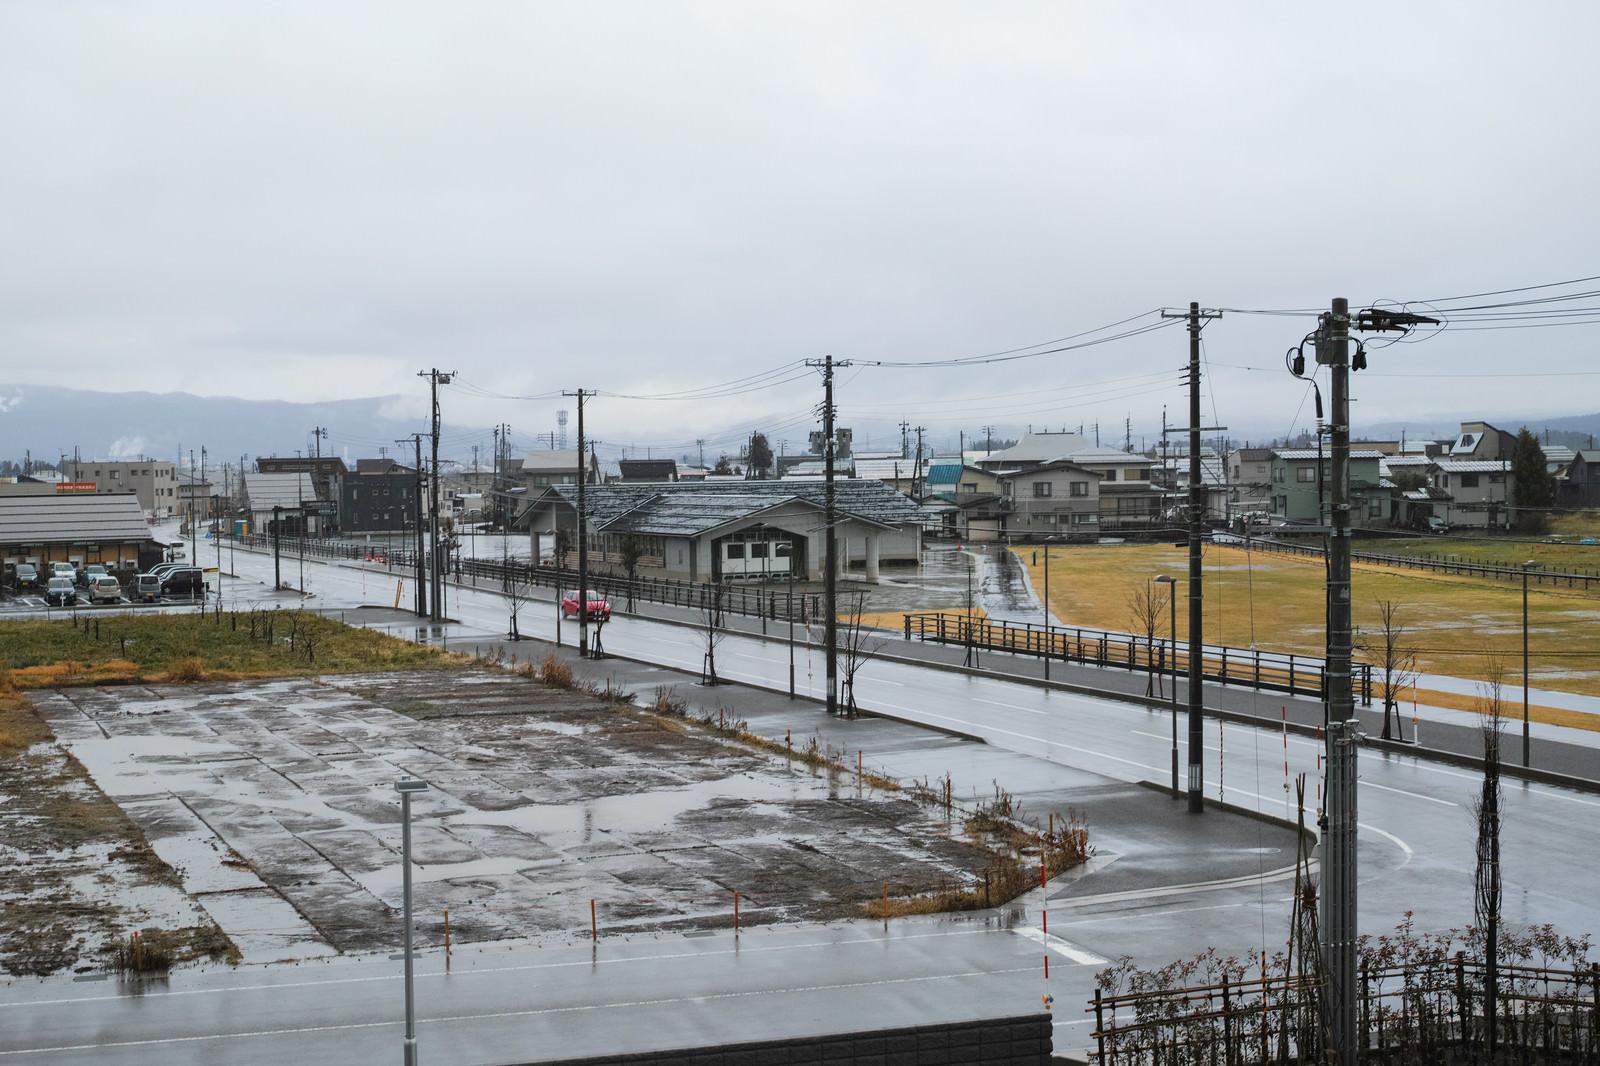 「雨降る街の風景」の写真